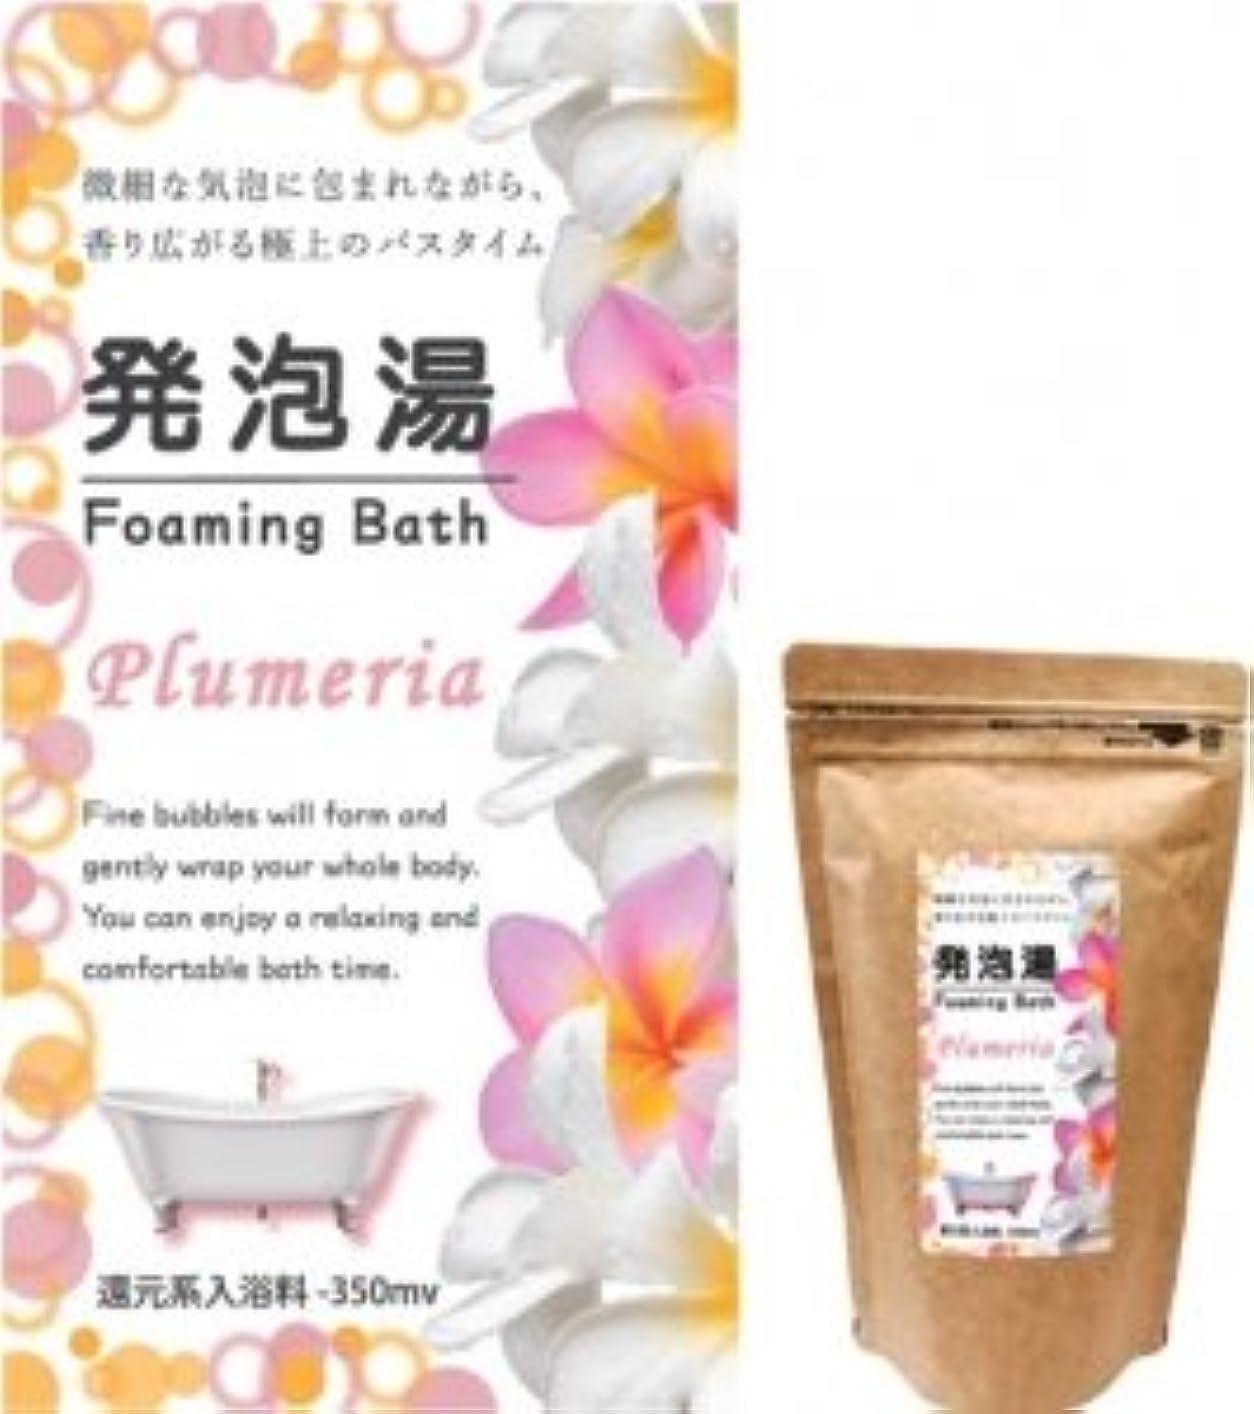 個人クリエイティブ理解する発泡湯(はっぽうとう) Foaming Bath Plumeria プルメリア お徳用15回分